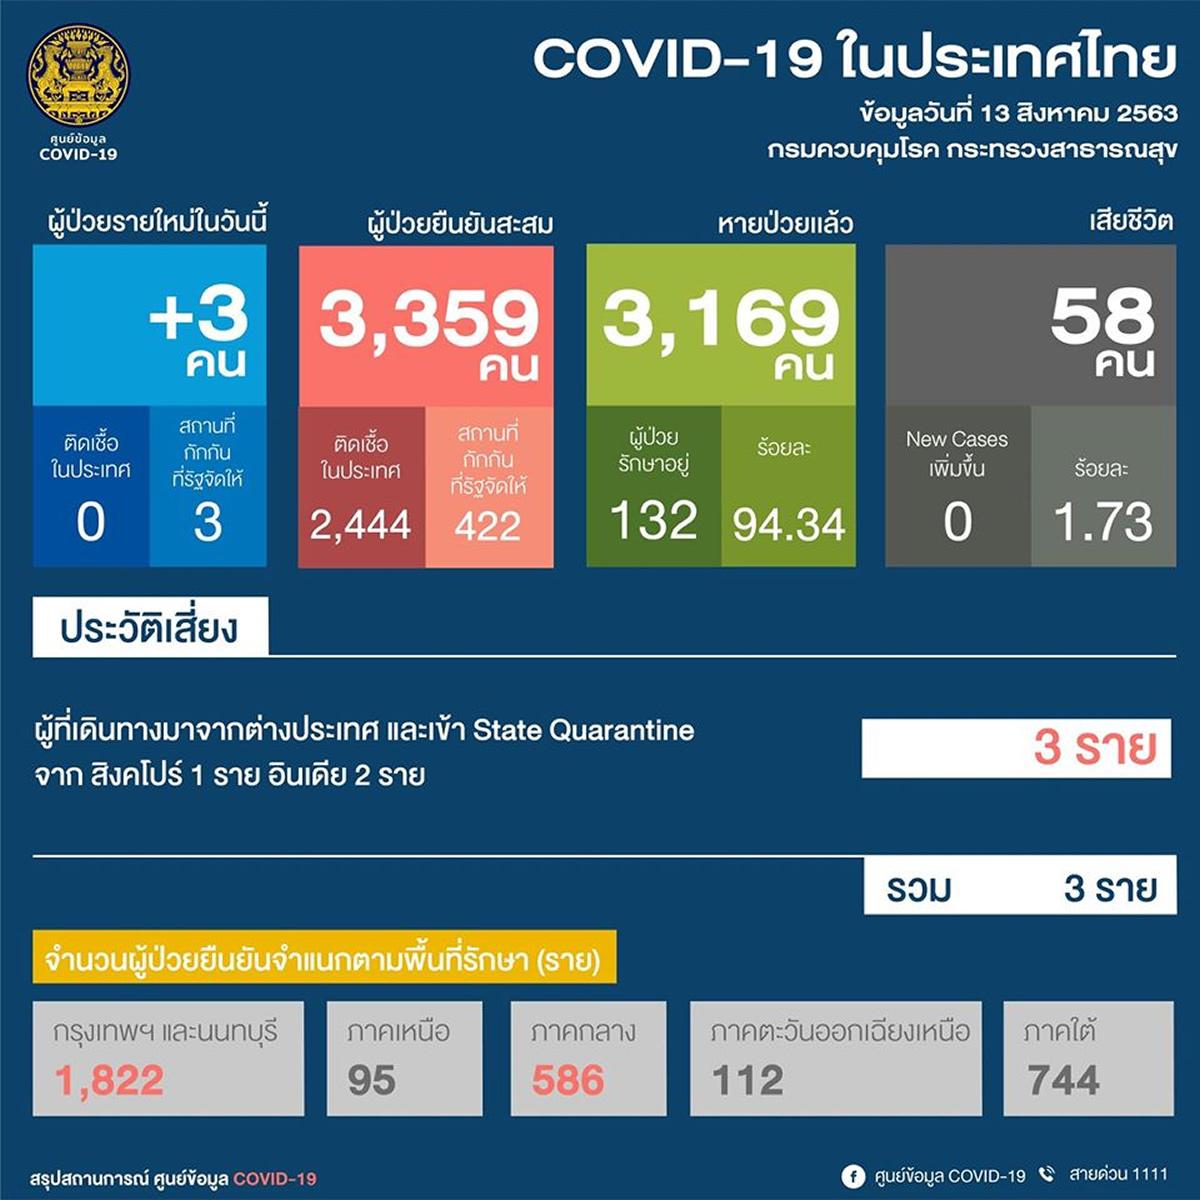 新規は海外からの3人、タイ国内は80日連続で新規確認なし<2020年8月13日>